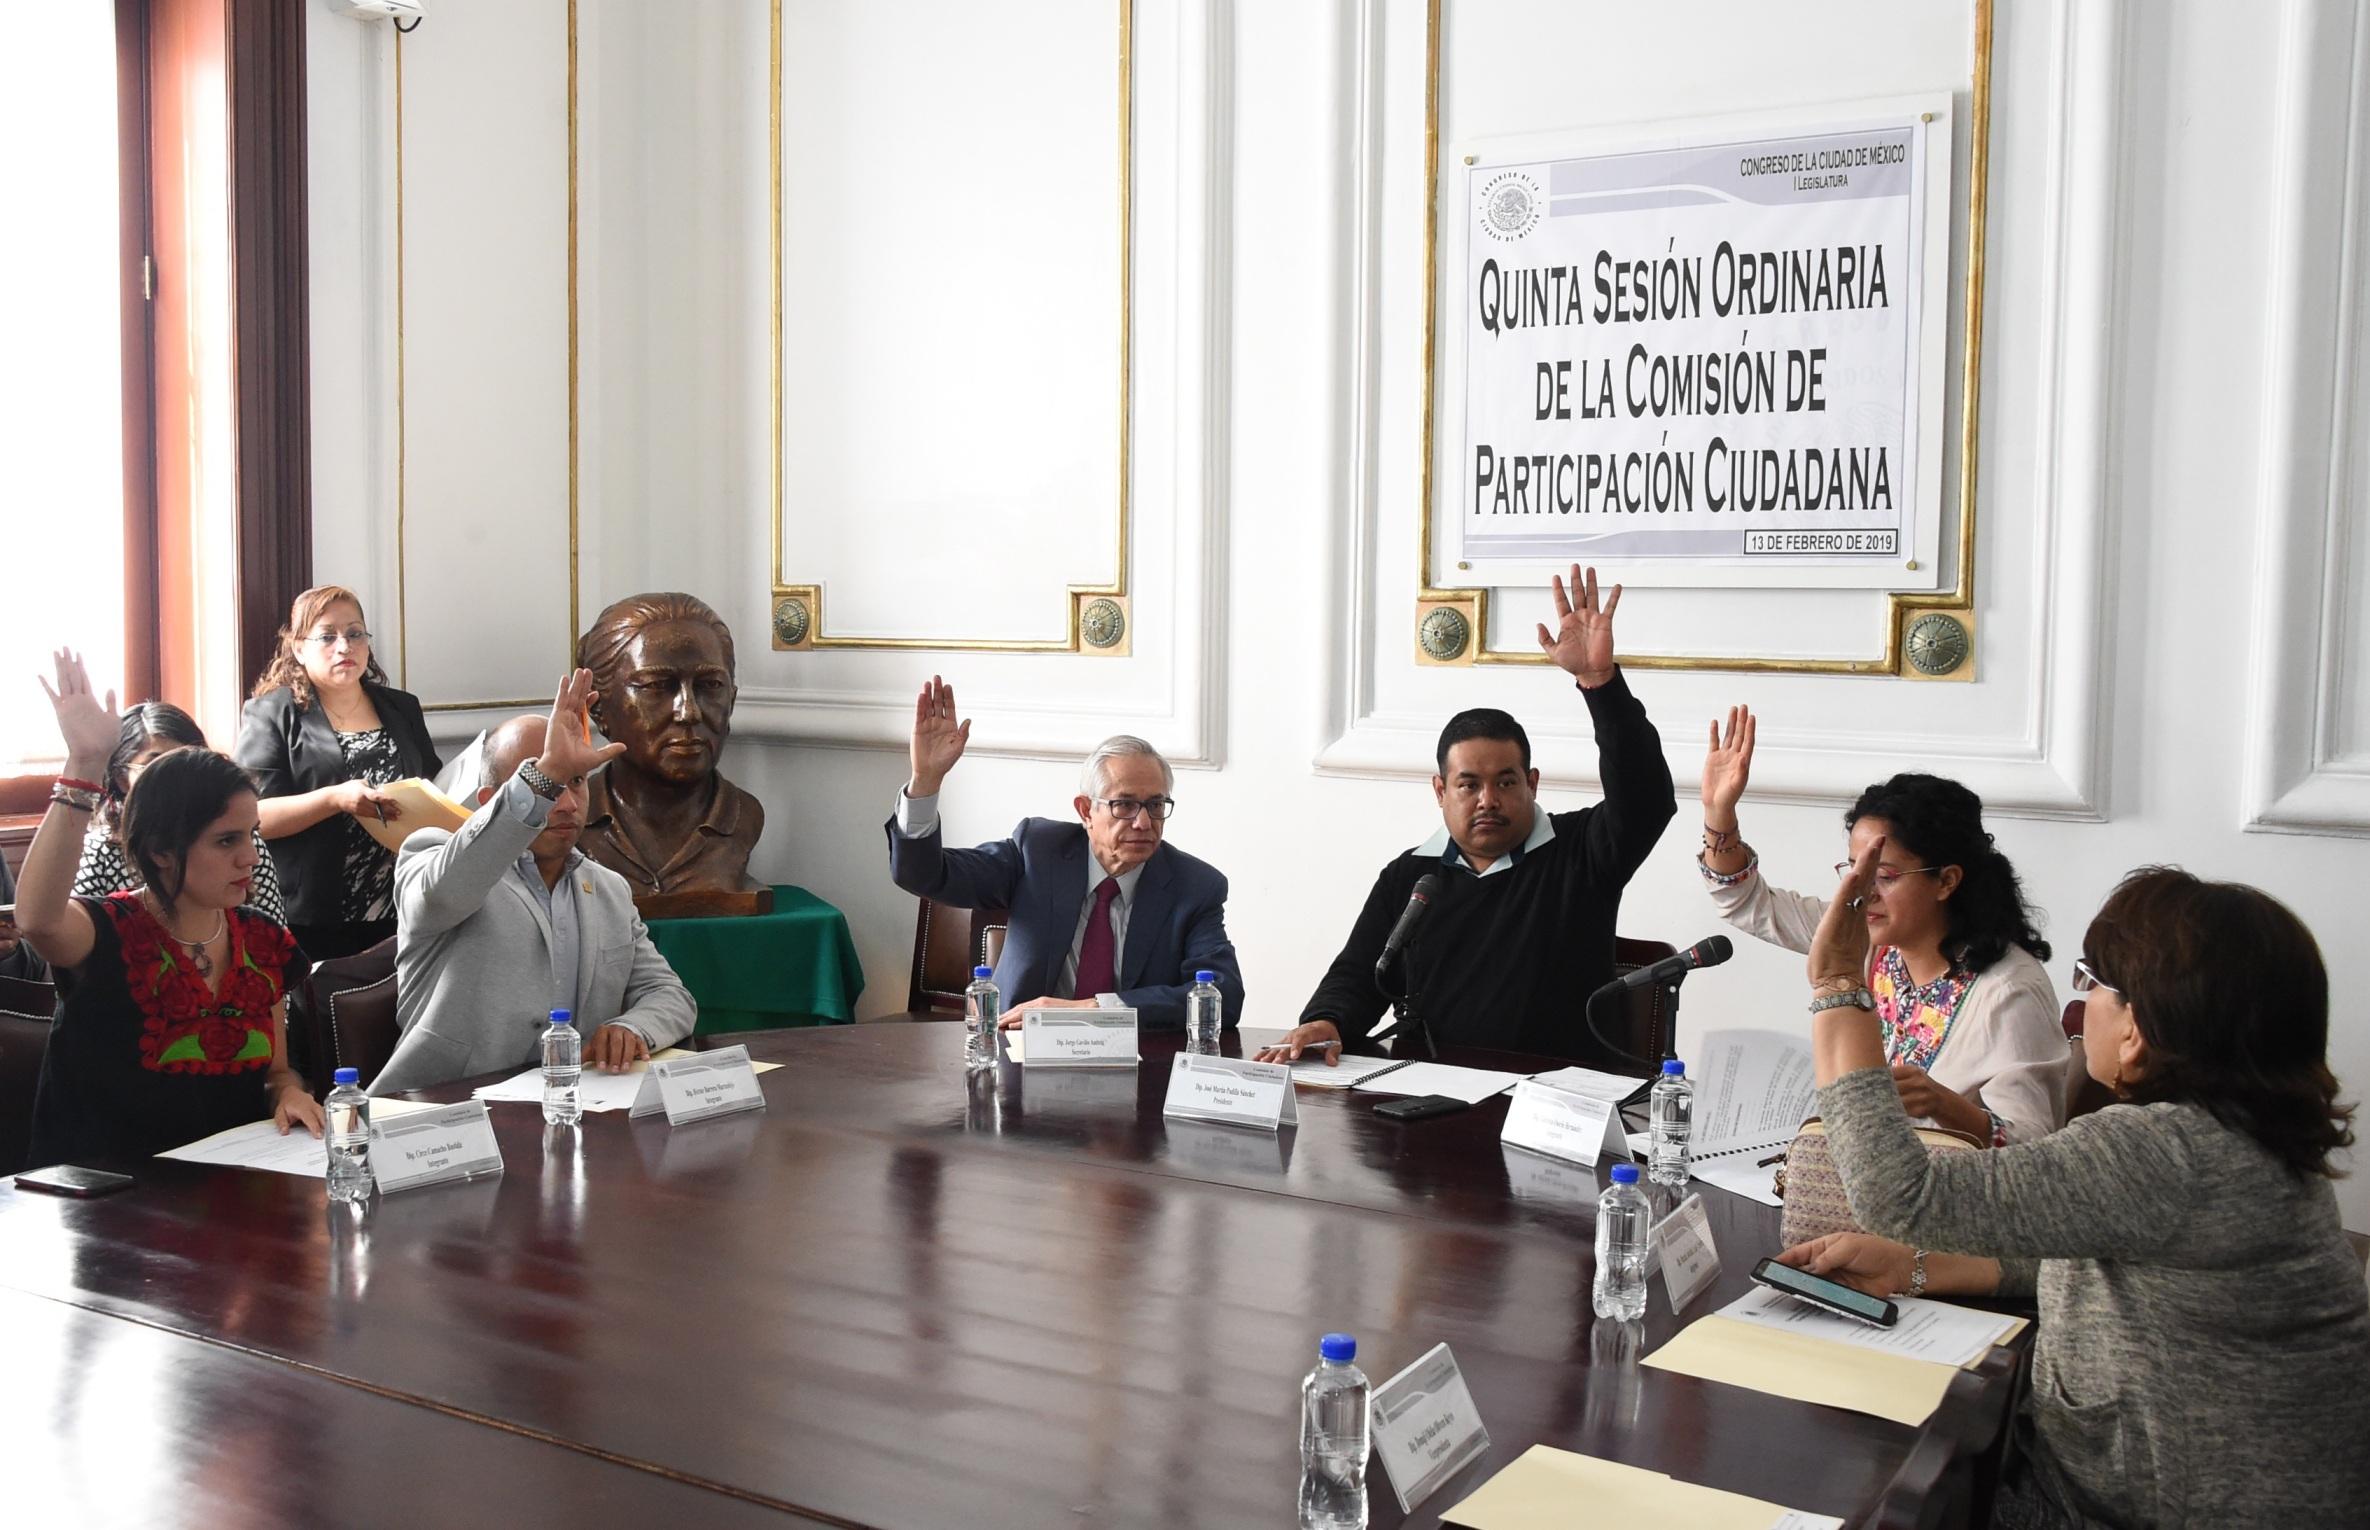 Avanza en comisión del Congreso CDMX la elaboración de la ley de Participación Ciudadana